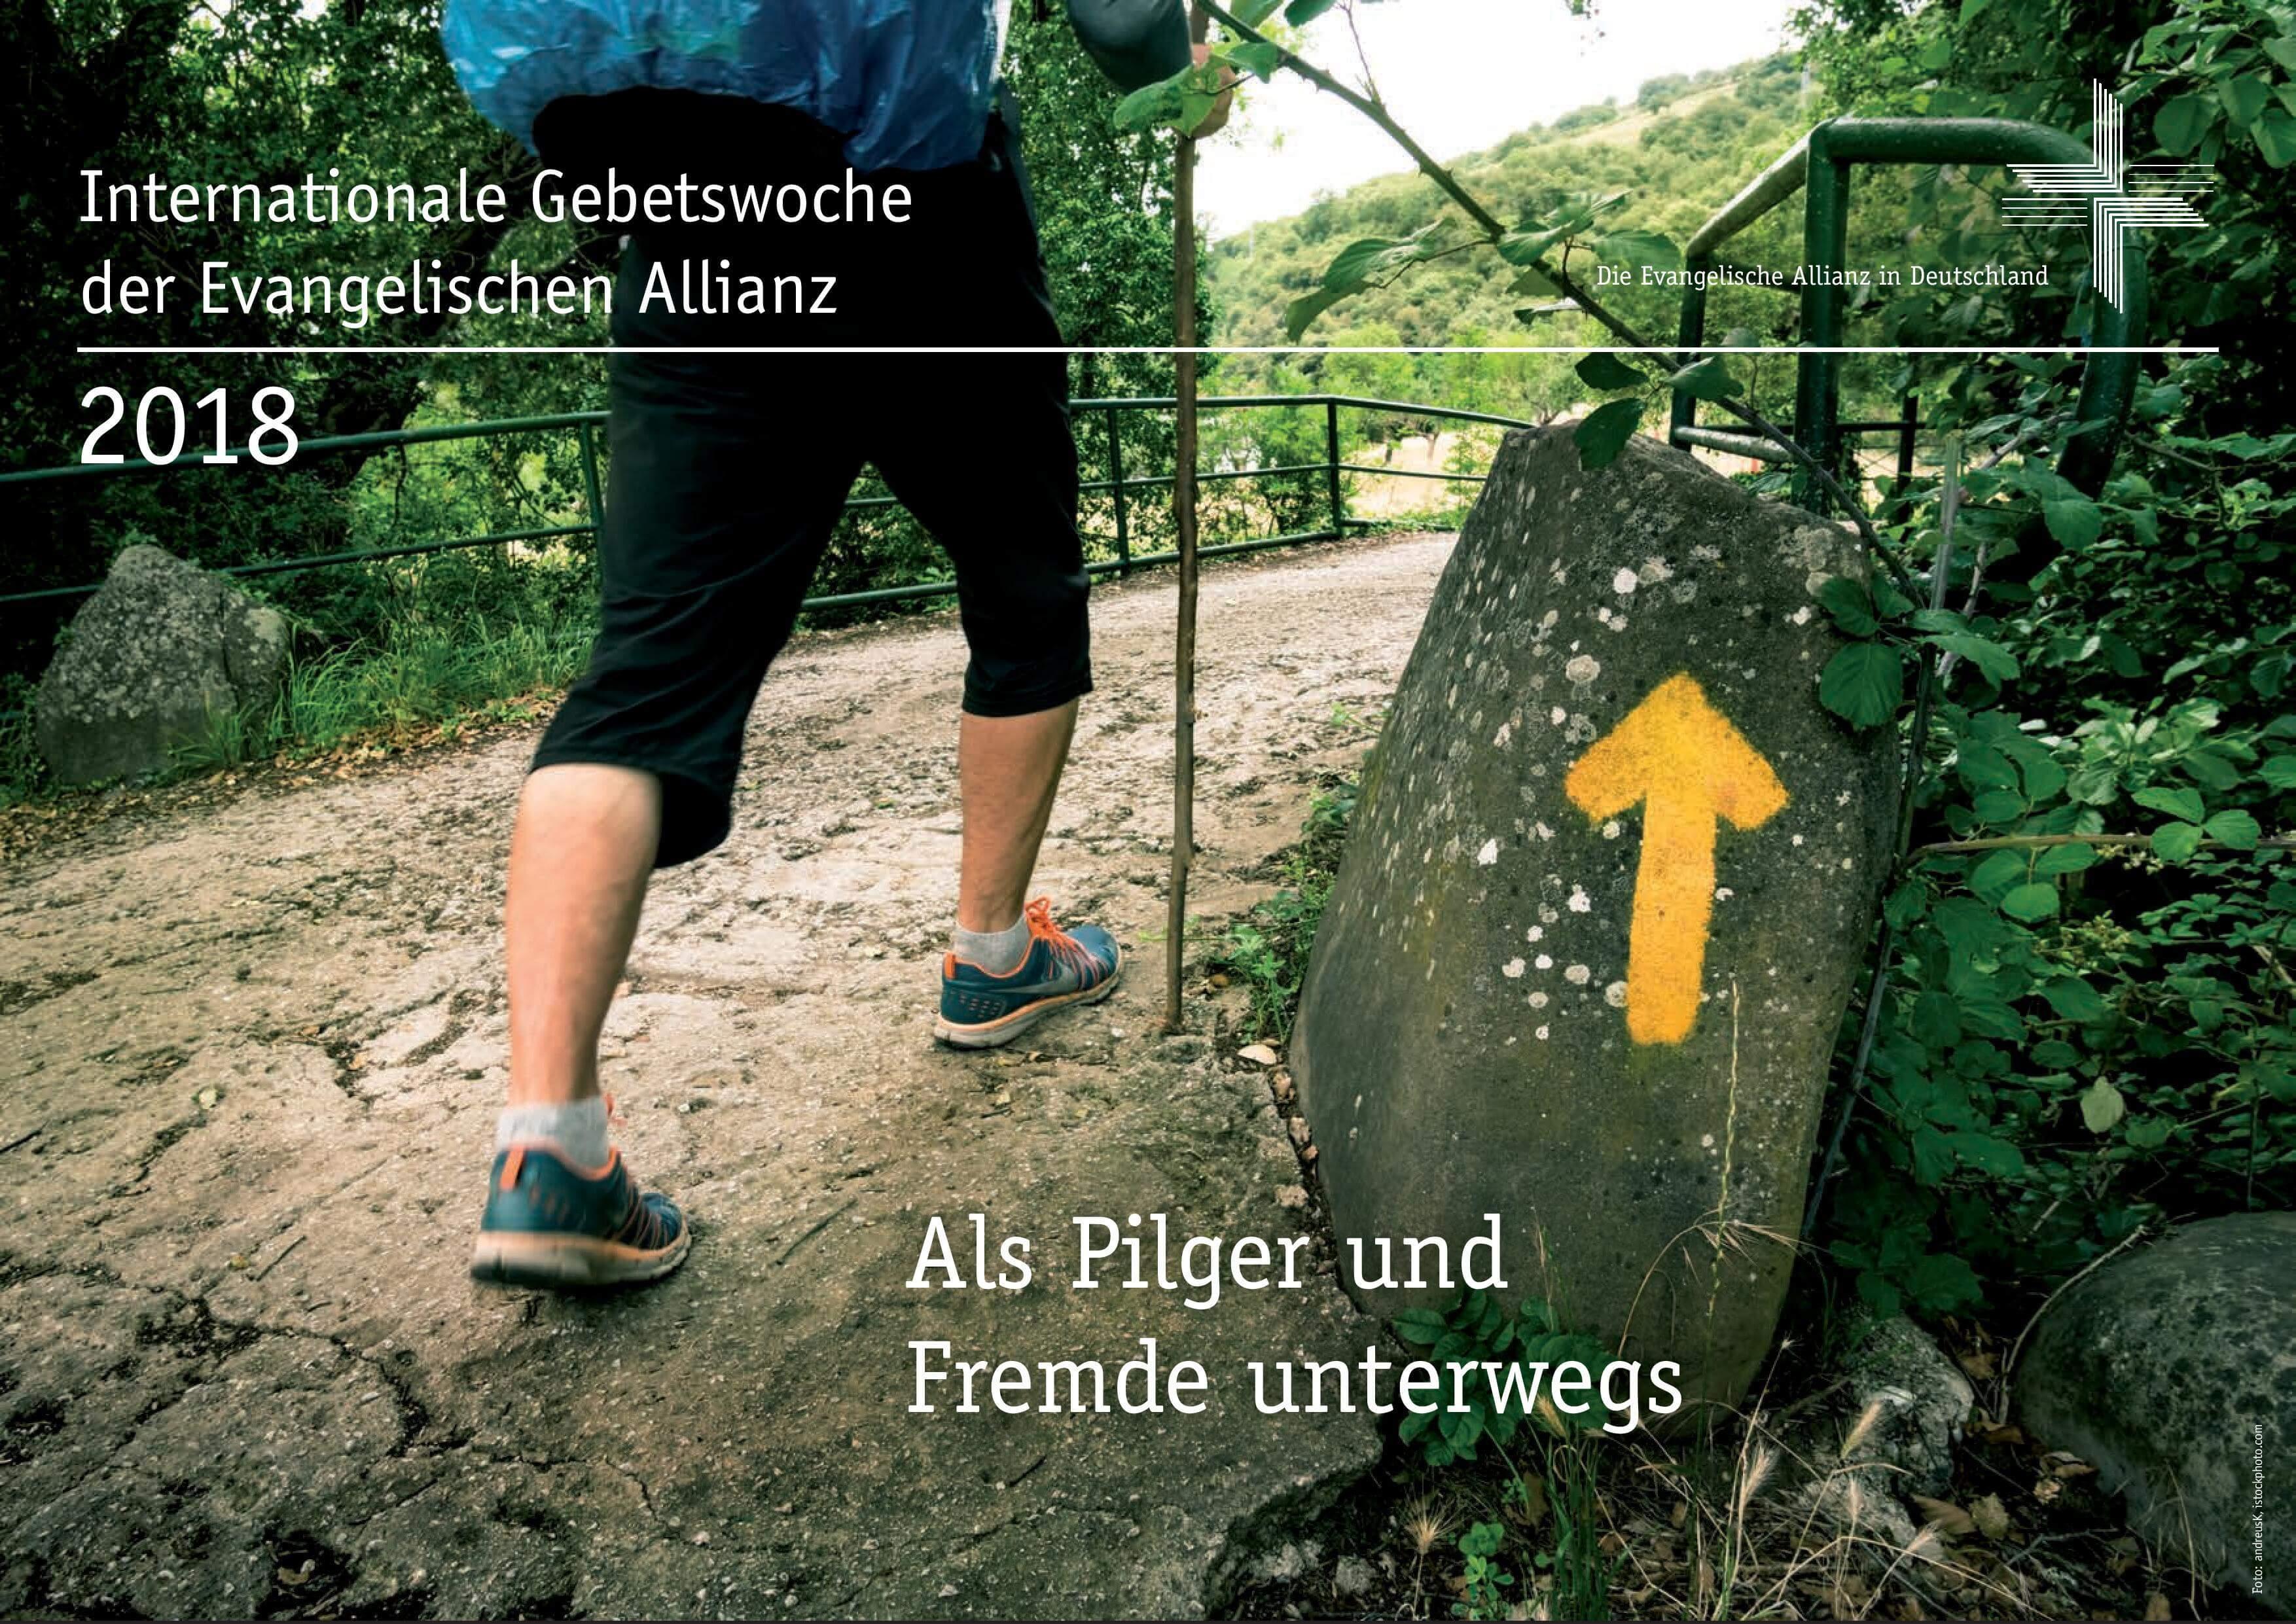 Poster zur internationalen Gebetswoche der Evangelischen Allianz